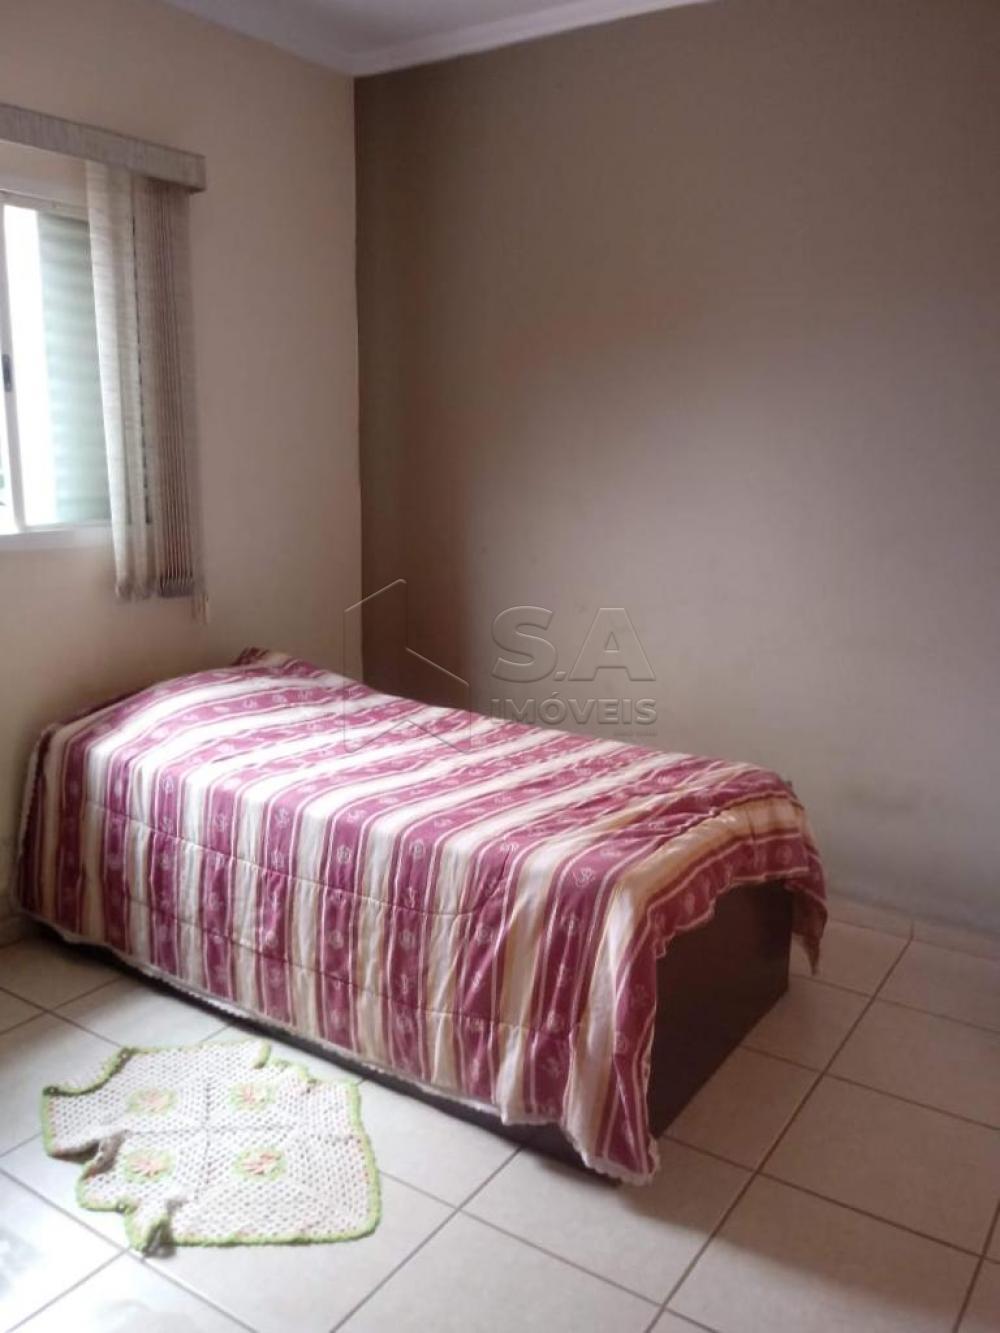 Comprar Casa / Padrão em Botucatu apenas R$ 470.000,00 - Foto 6